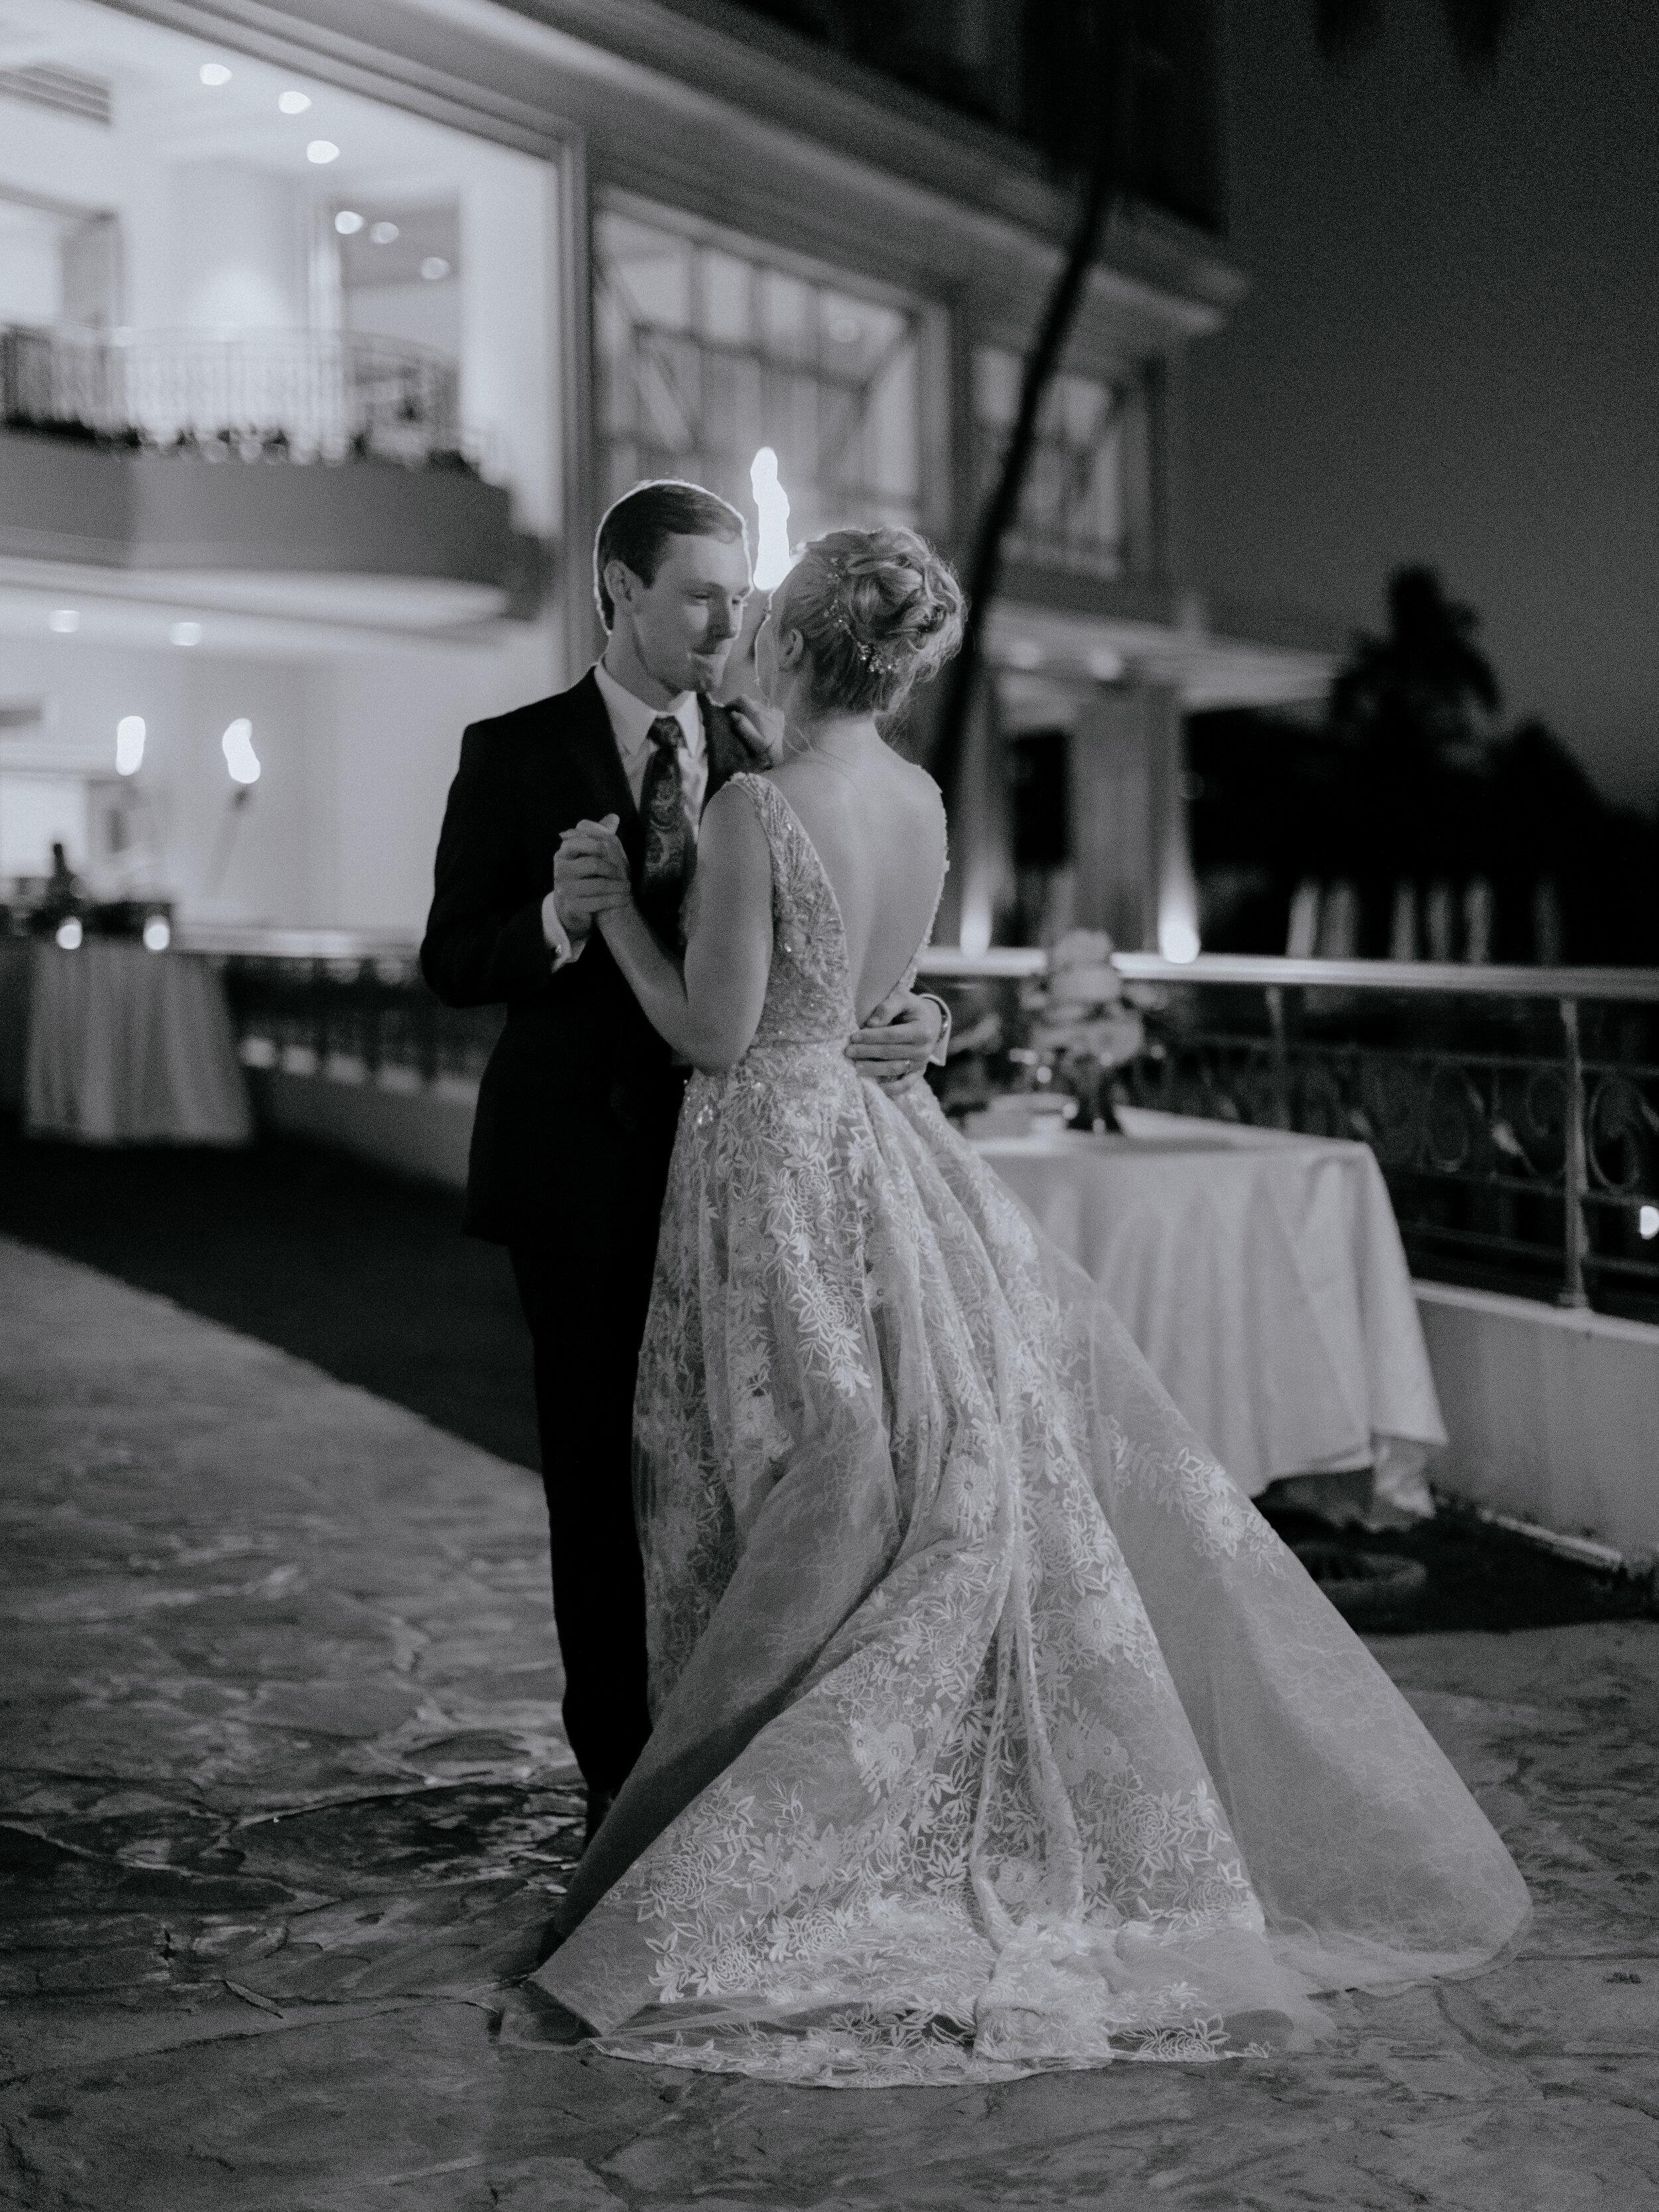 Chris-J-Evans-maui-wedding-SA2336.jpg